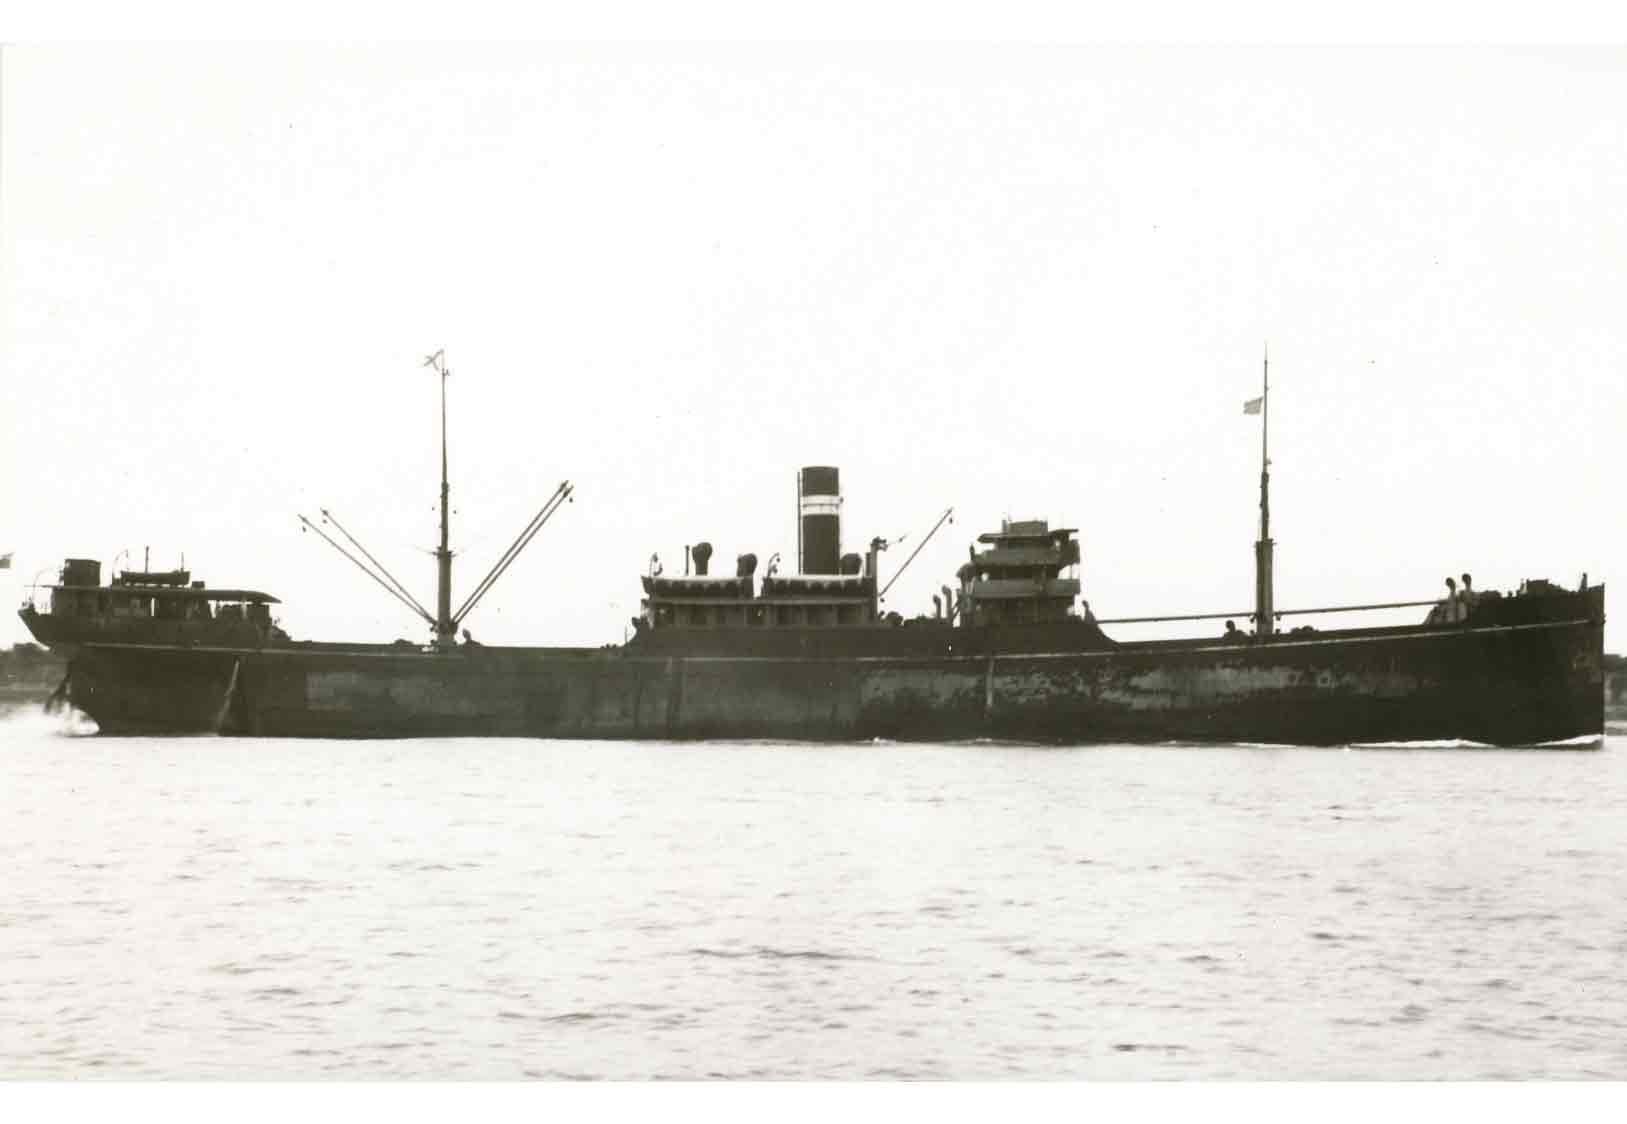 The SS Gairsoppa Image: Bibliothek für Zeitgeschichte Stuttgart